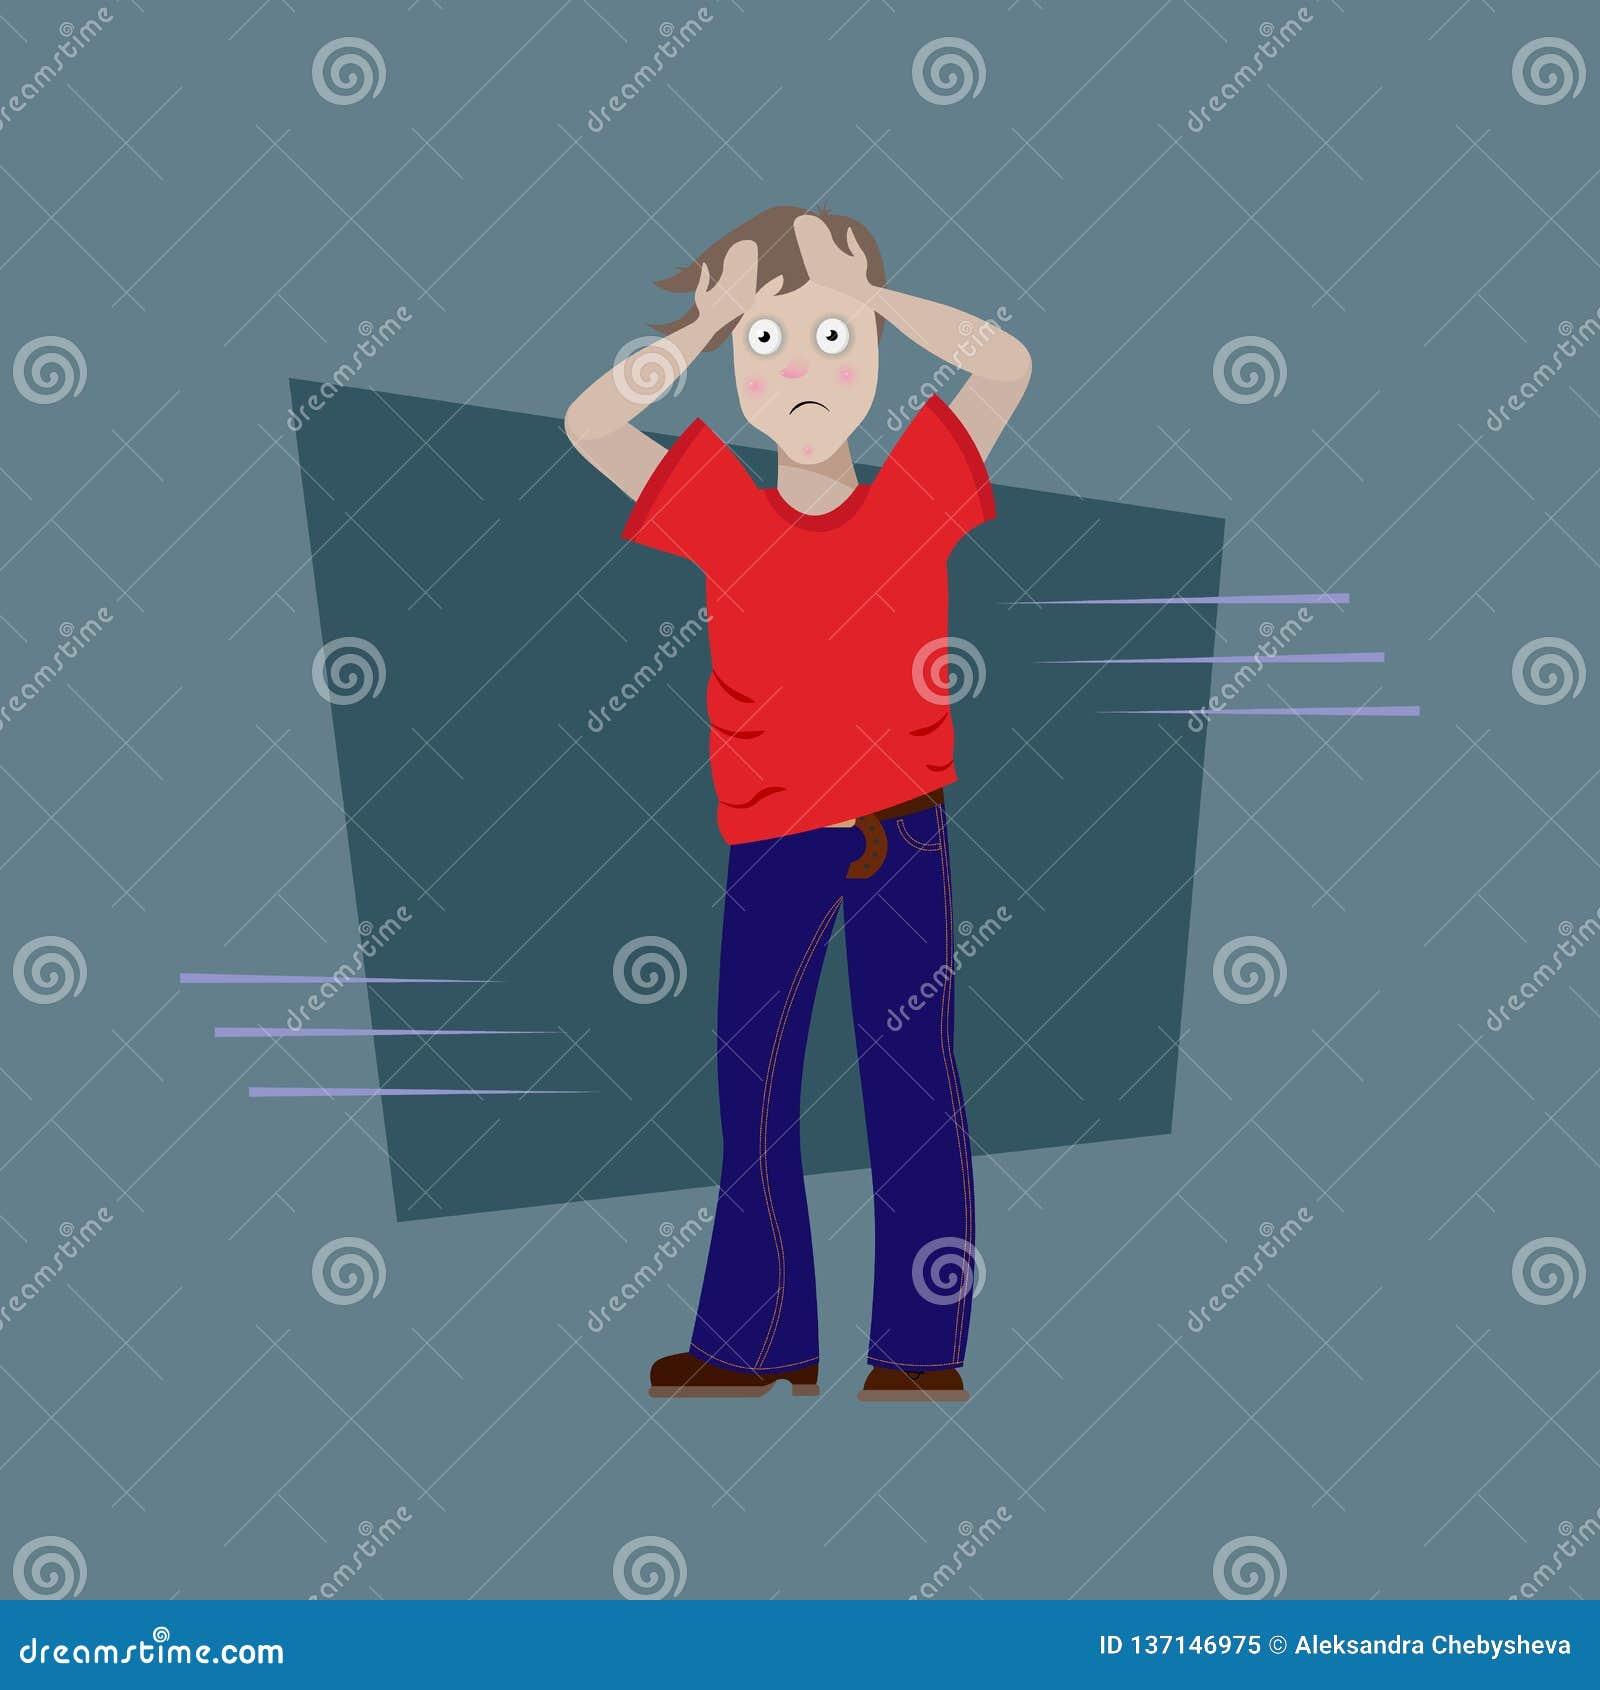 Человек имел досаду сярприз неприятный Создал программу-оболочку его голова в его руках уставший, больной, вспугнутый человек с т